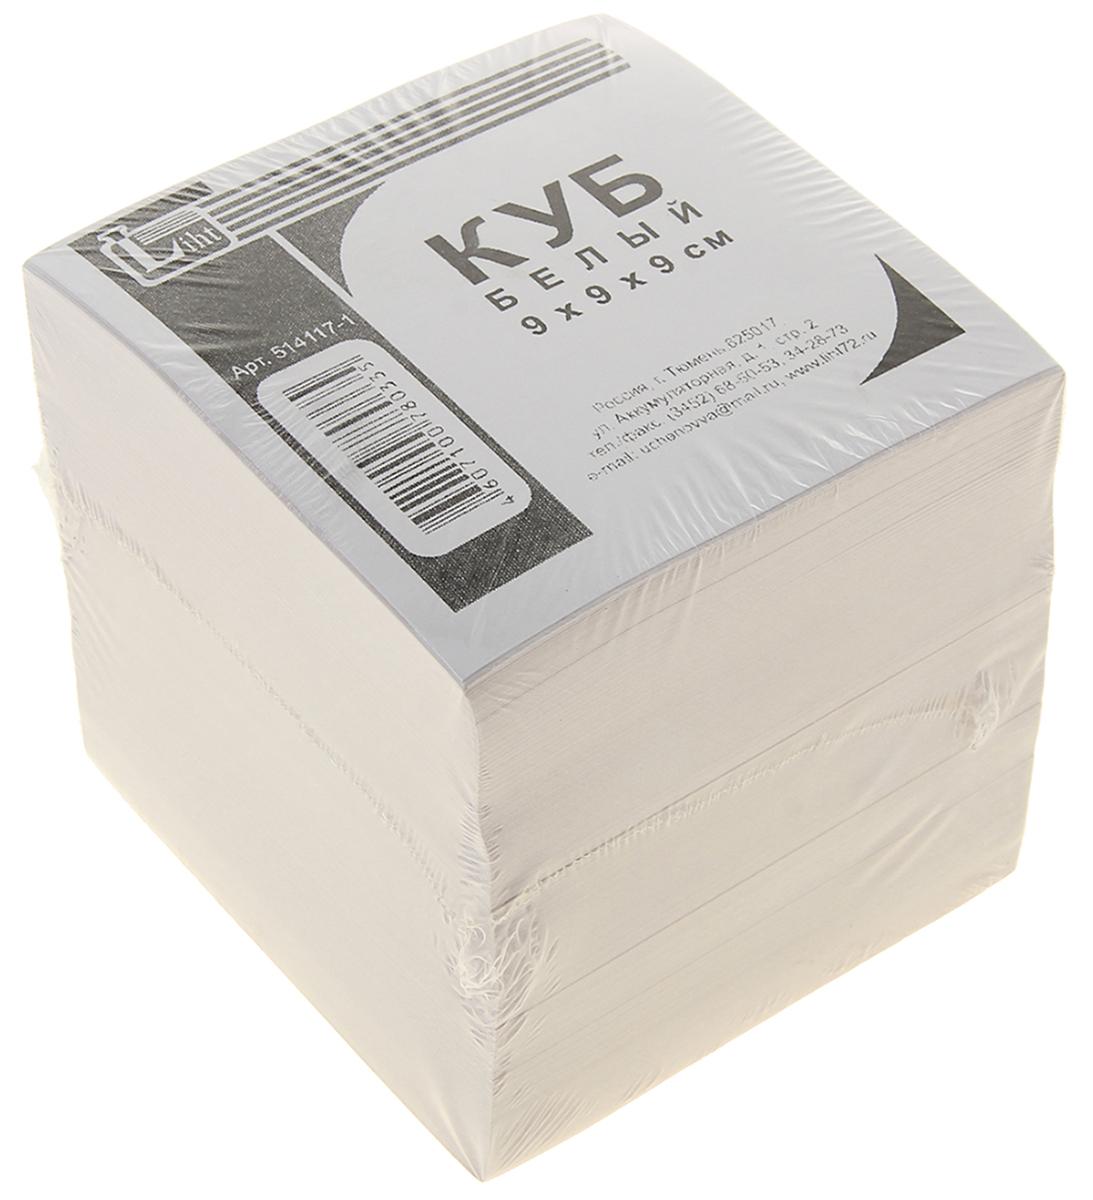 Магнитный блок для записей » Сделай сам своими руками Блок бумаги для записей фото